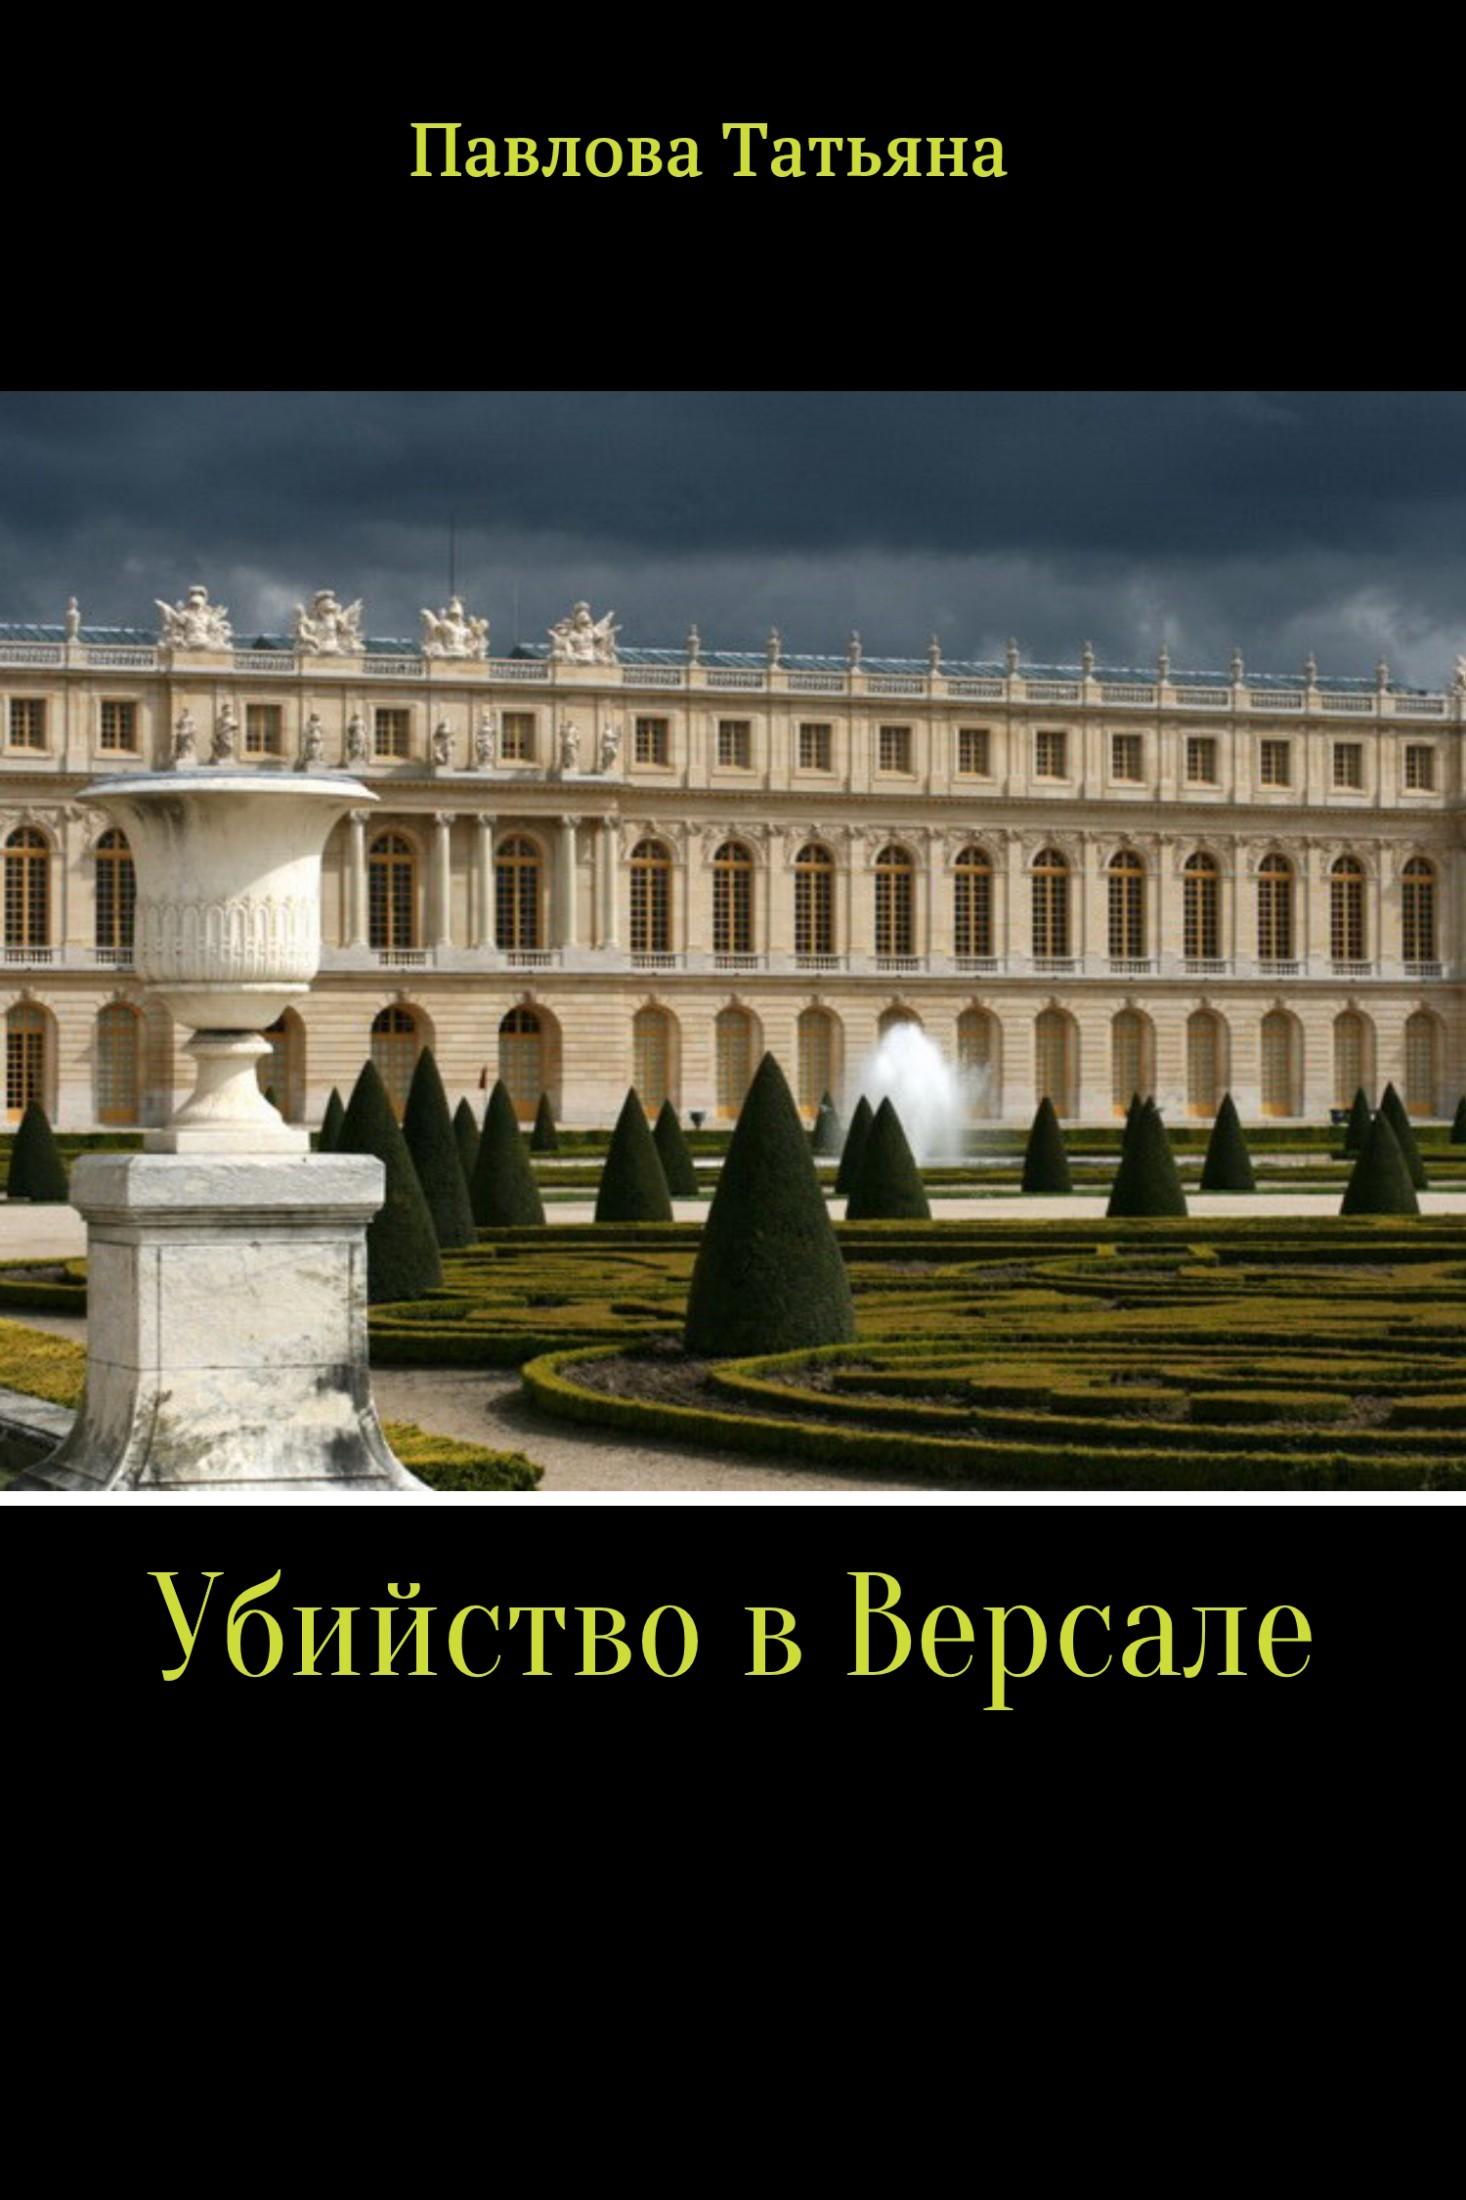 Убийство в Версале